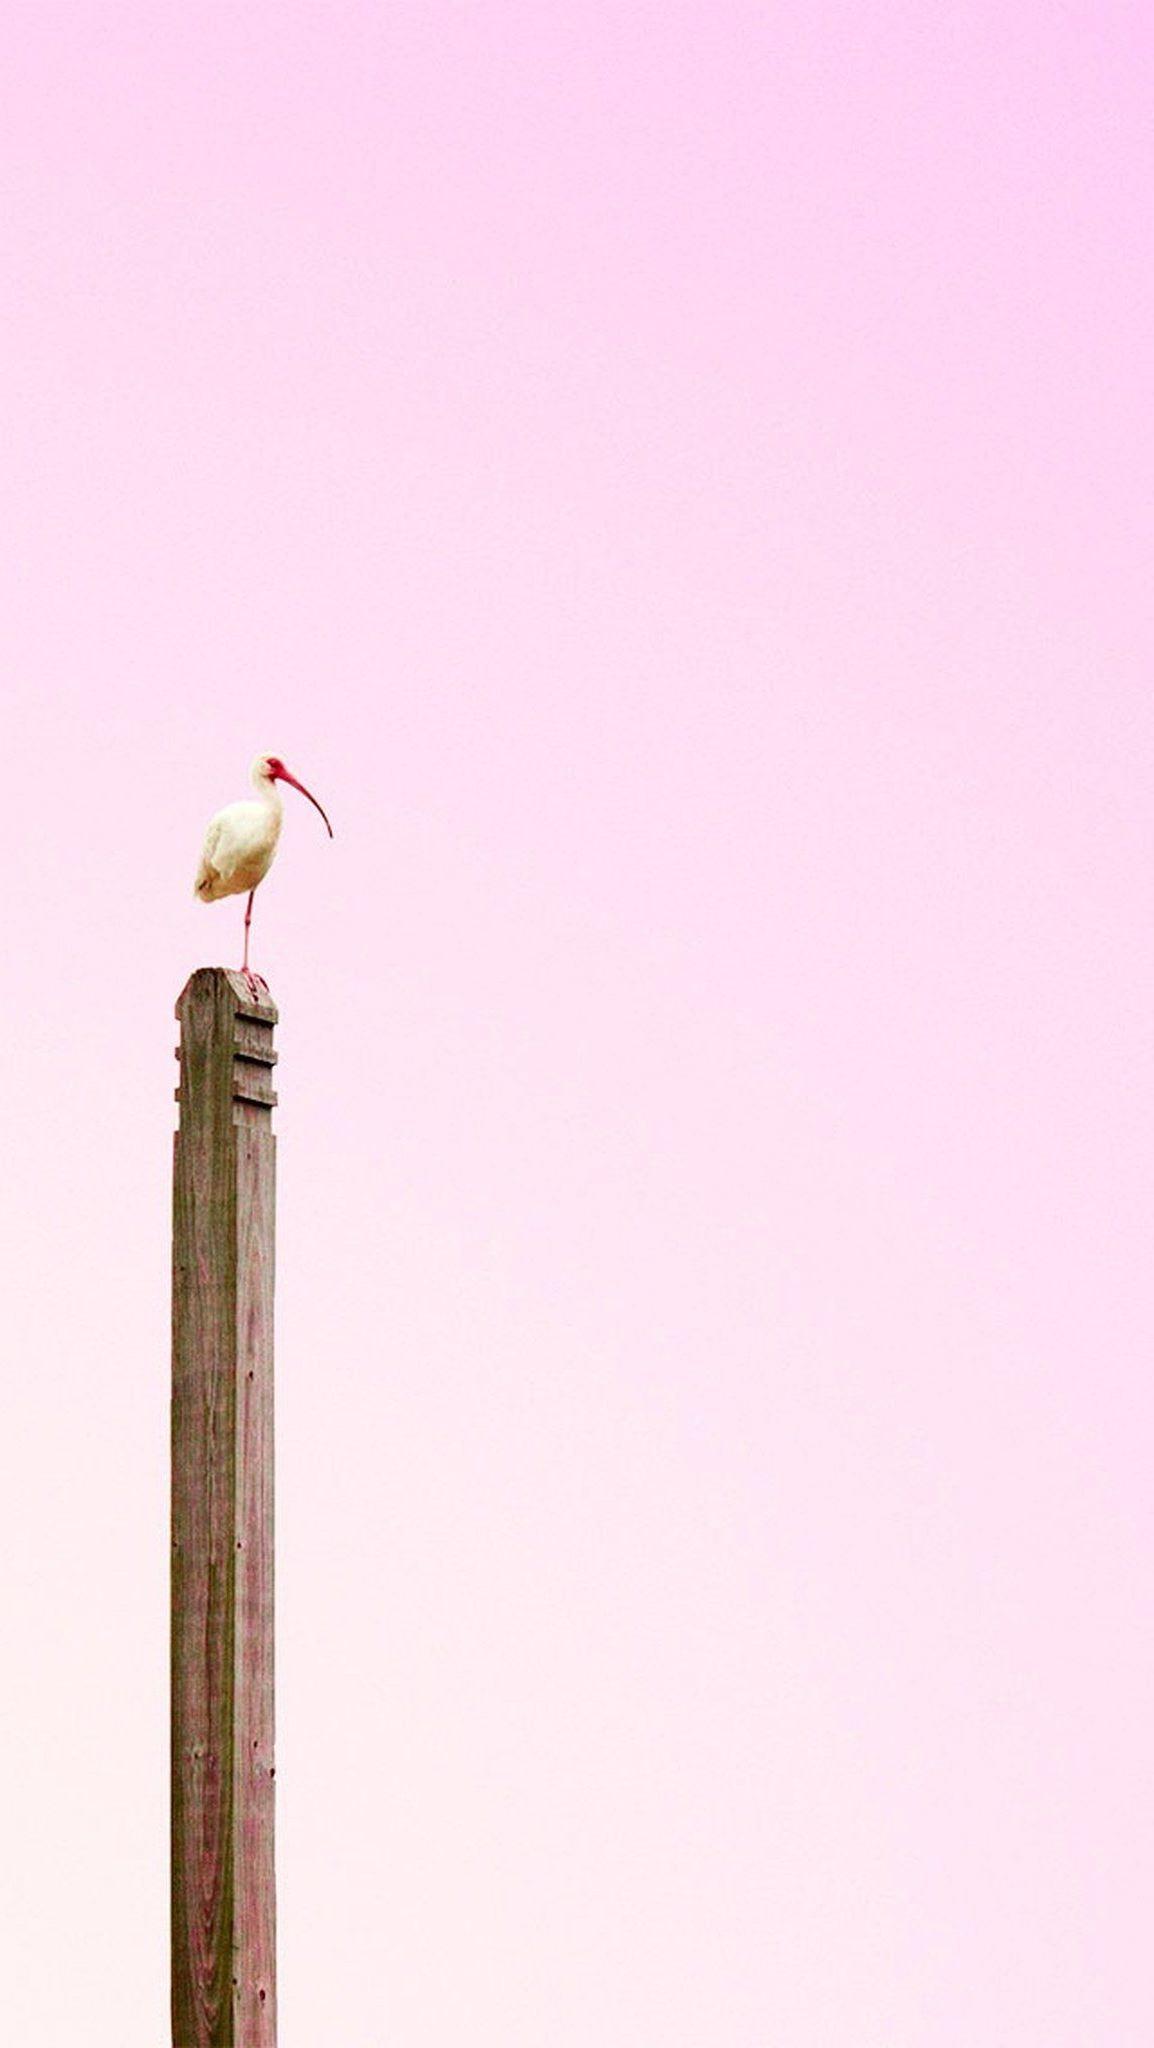 stork nest